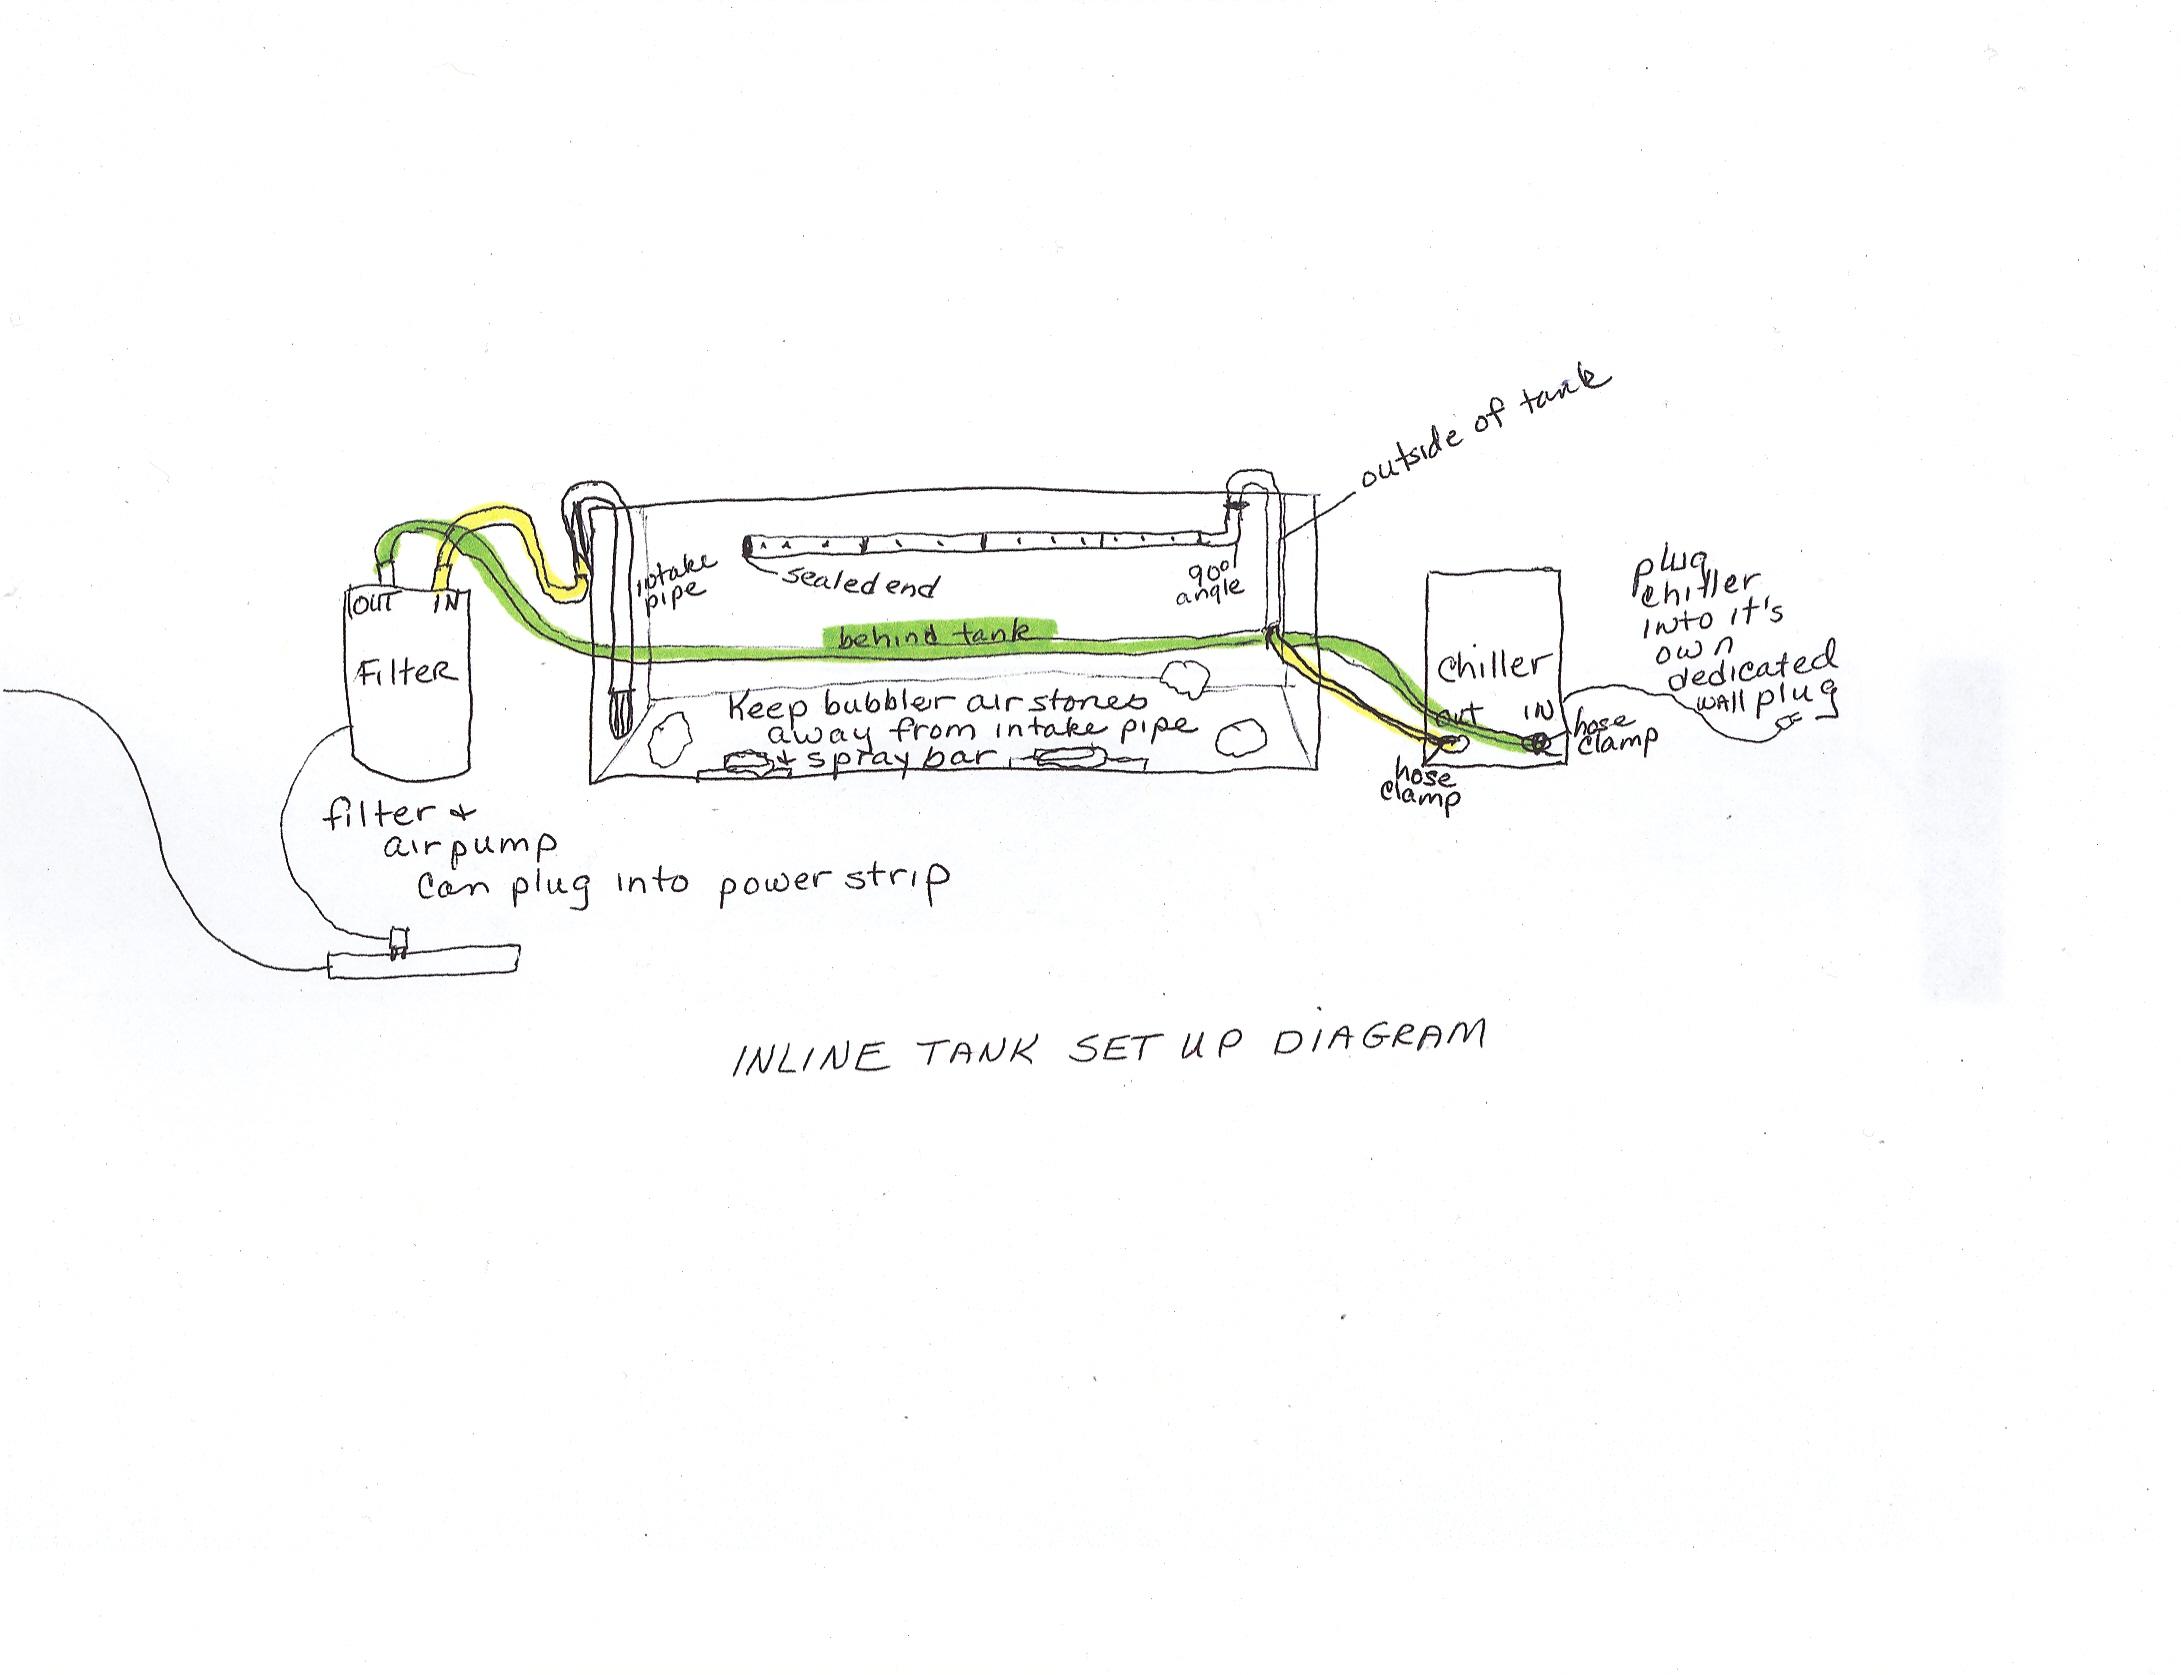 Equipment Set Up Diagram